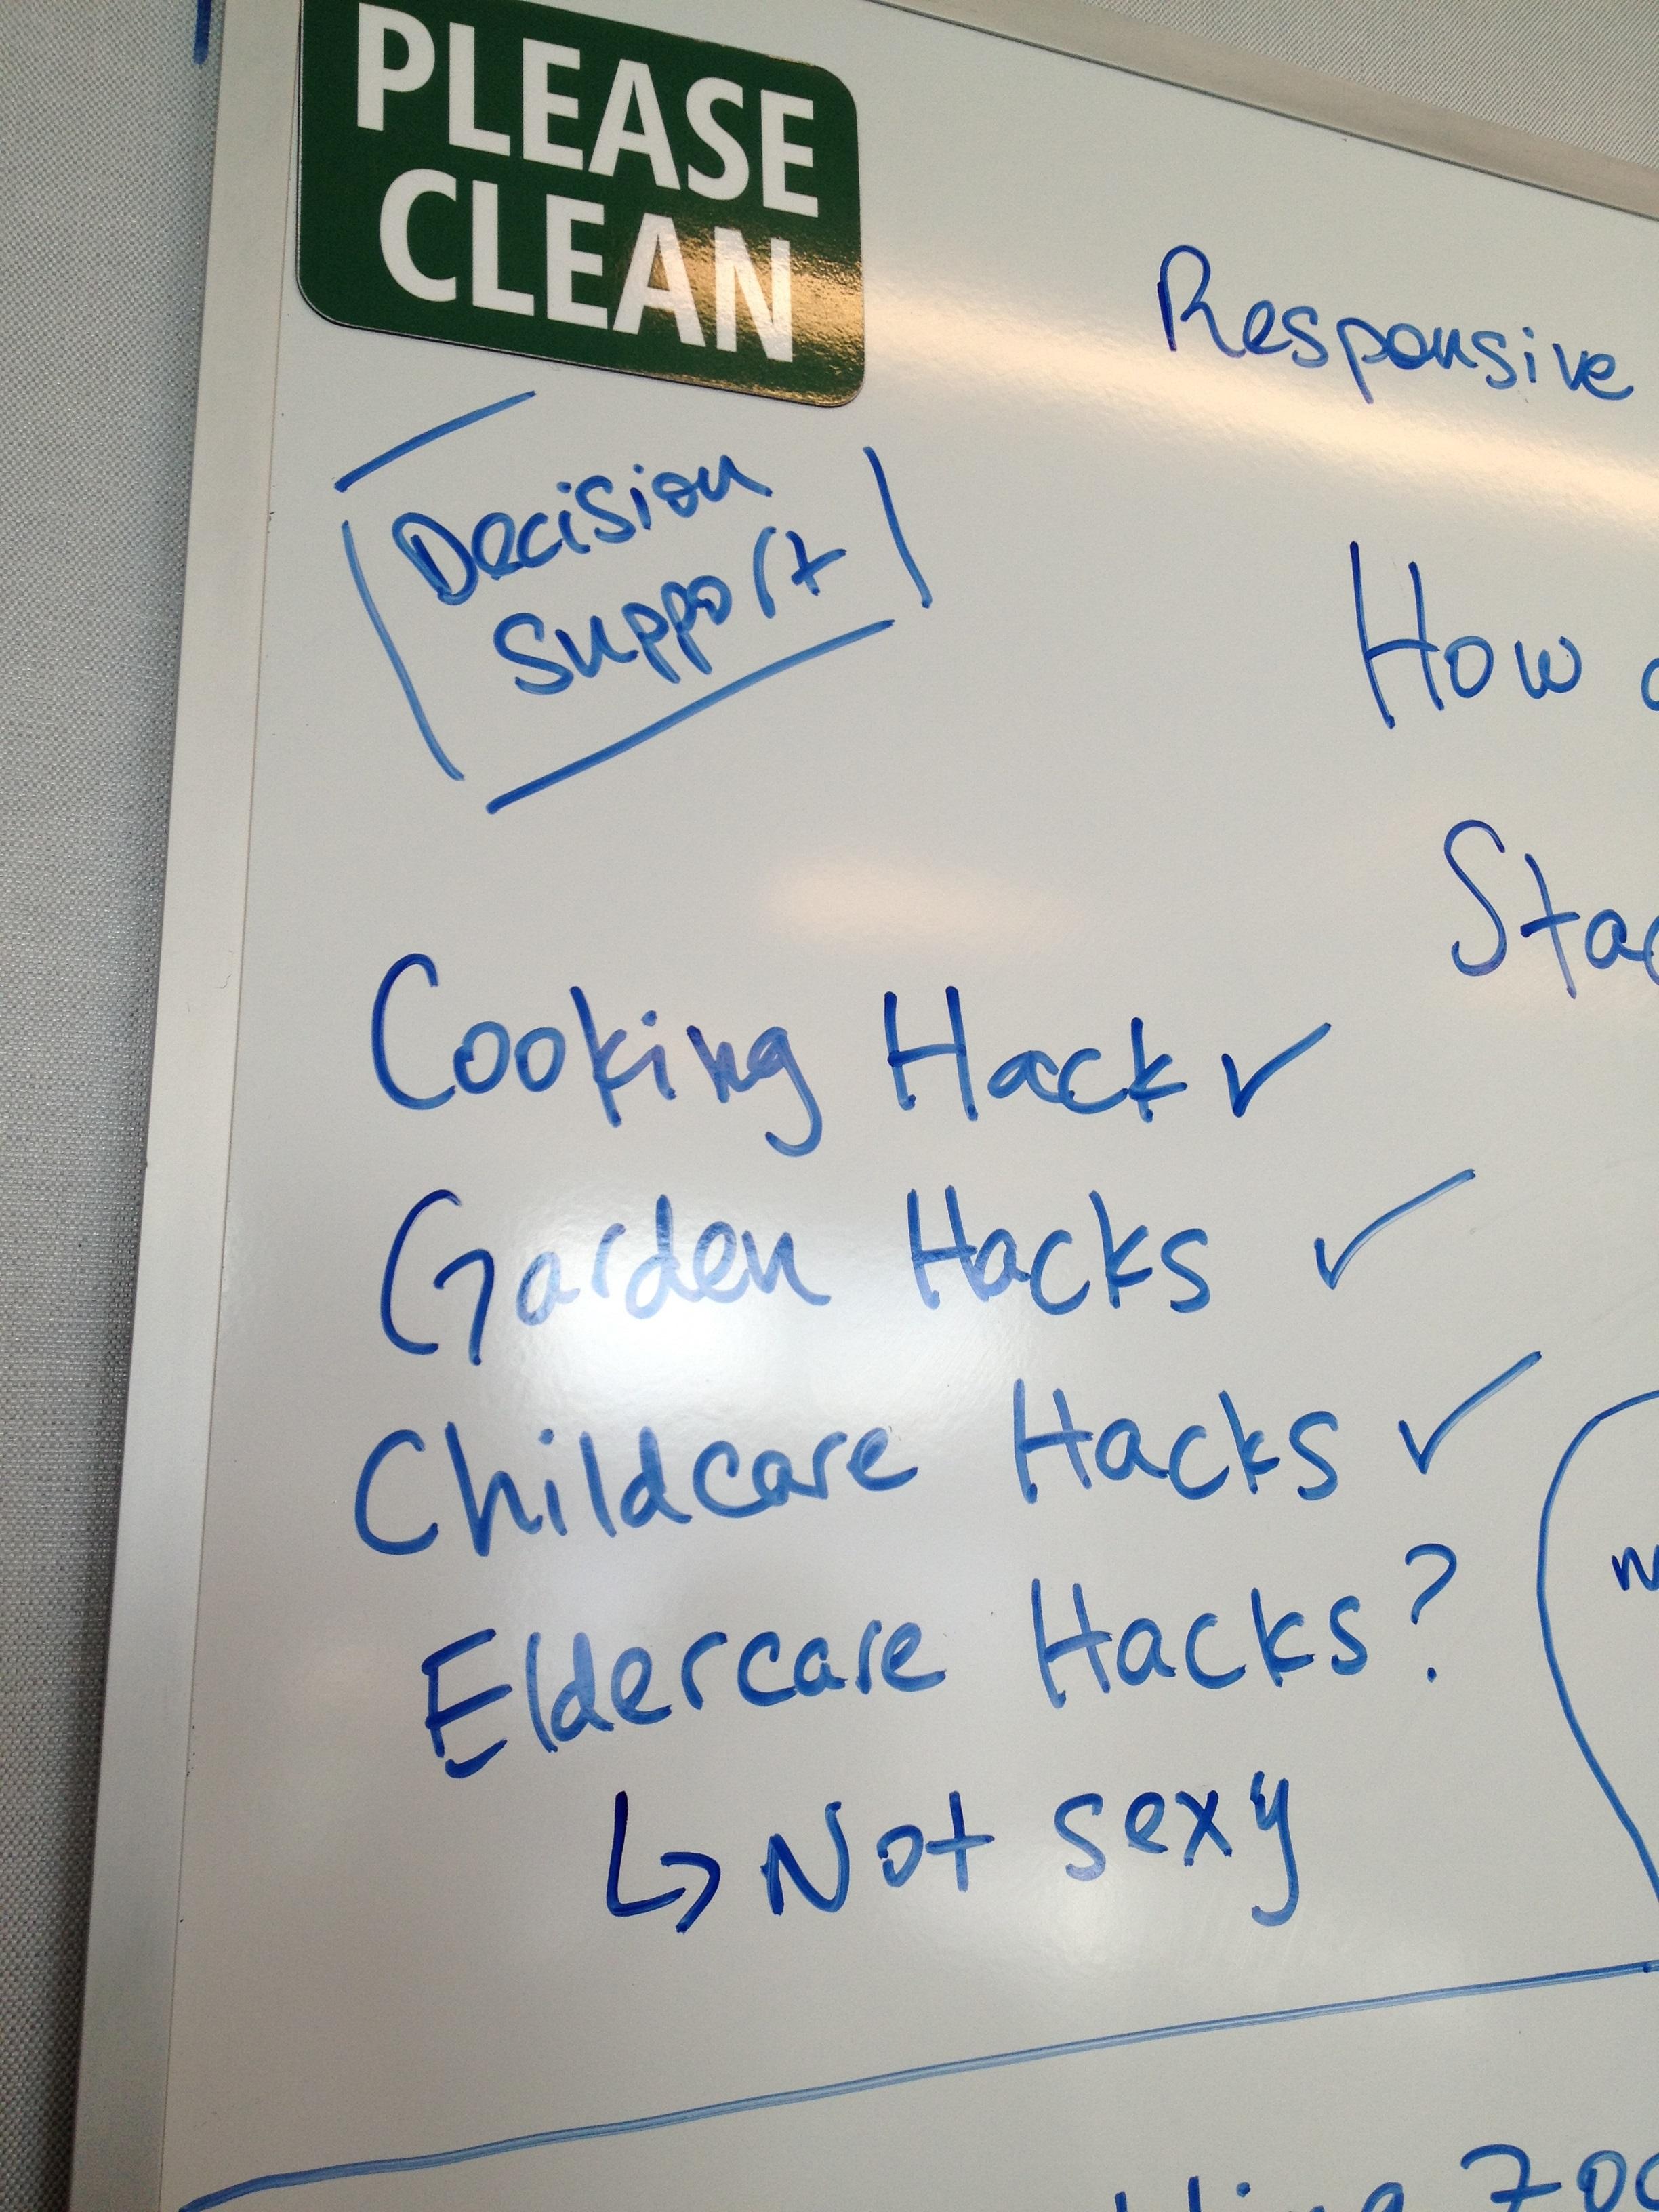 cooking garden childcare hacks why not eldercare hacks